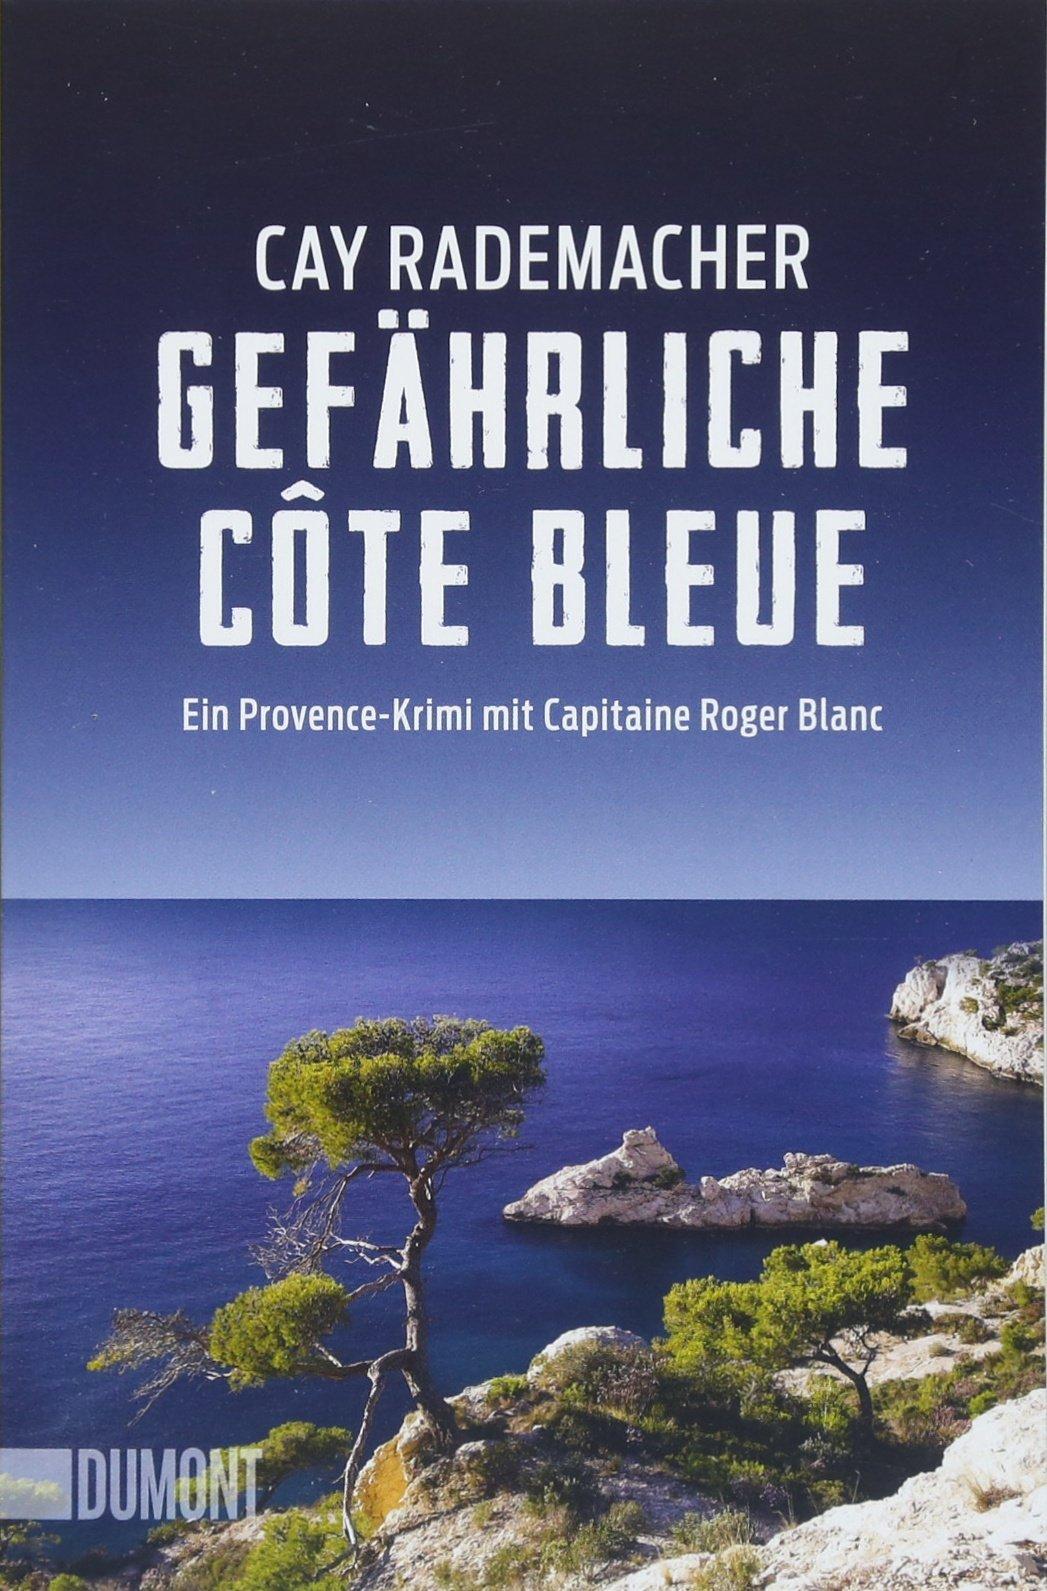 Gefährliche Côte Bleue: Ein Provence-Krimi mit Capitaine Roger Blanc (4) (Taschenbücher)